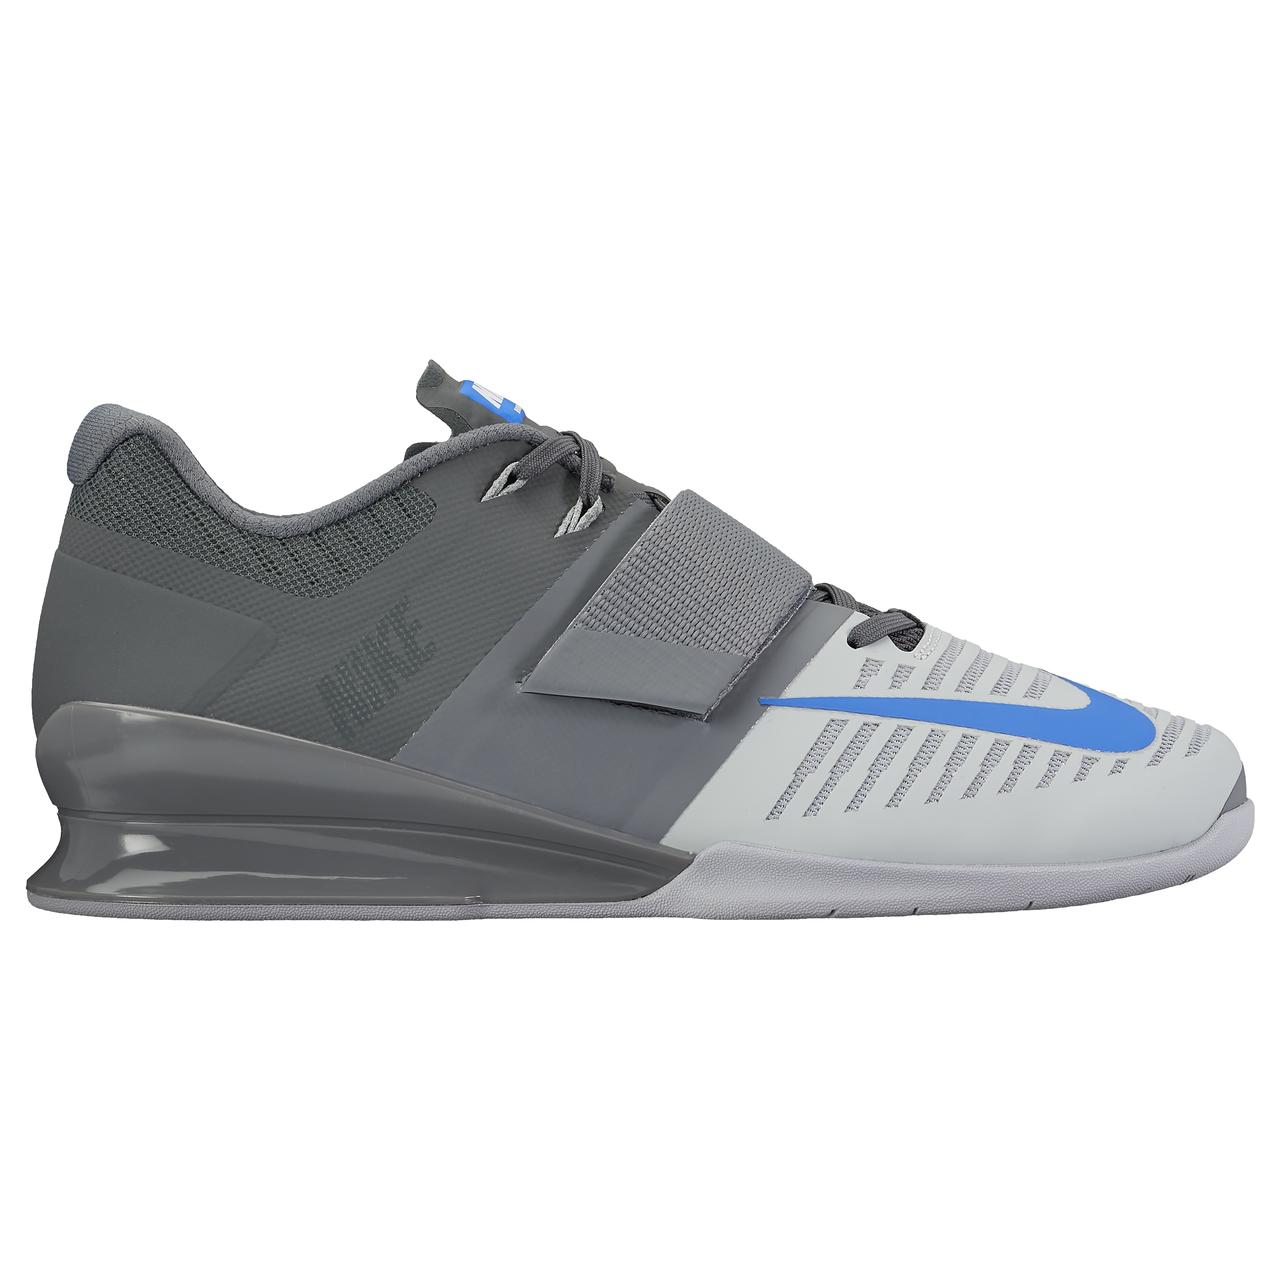 a23f4f871ec0 Nike Romaleos 3 Weightlifting Shoes - Cool Grey/RCR BL/Wolf Grey